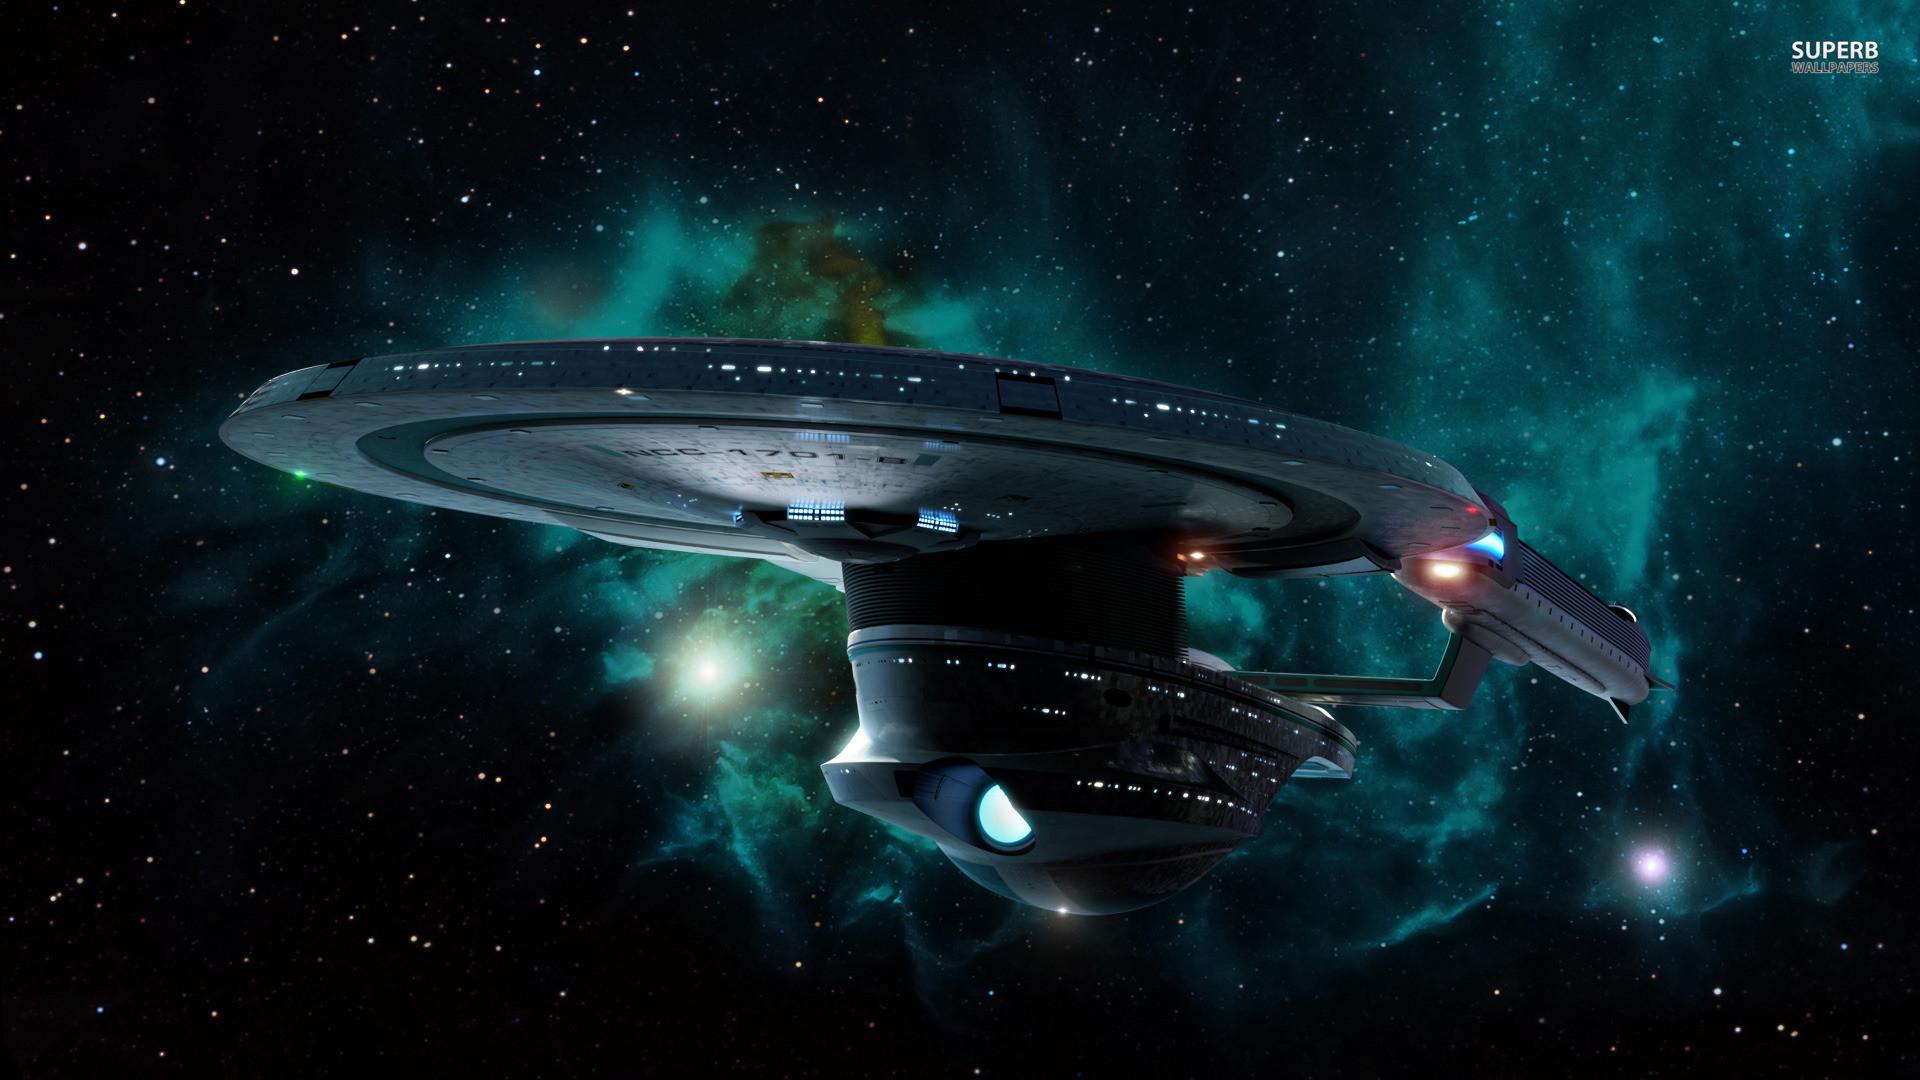 Starship Enterprise at warp wallpaper – Movie wallpapers – #25372